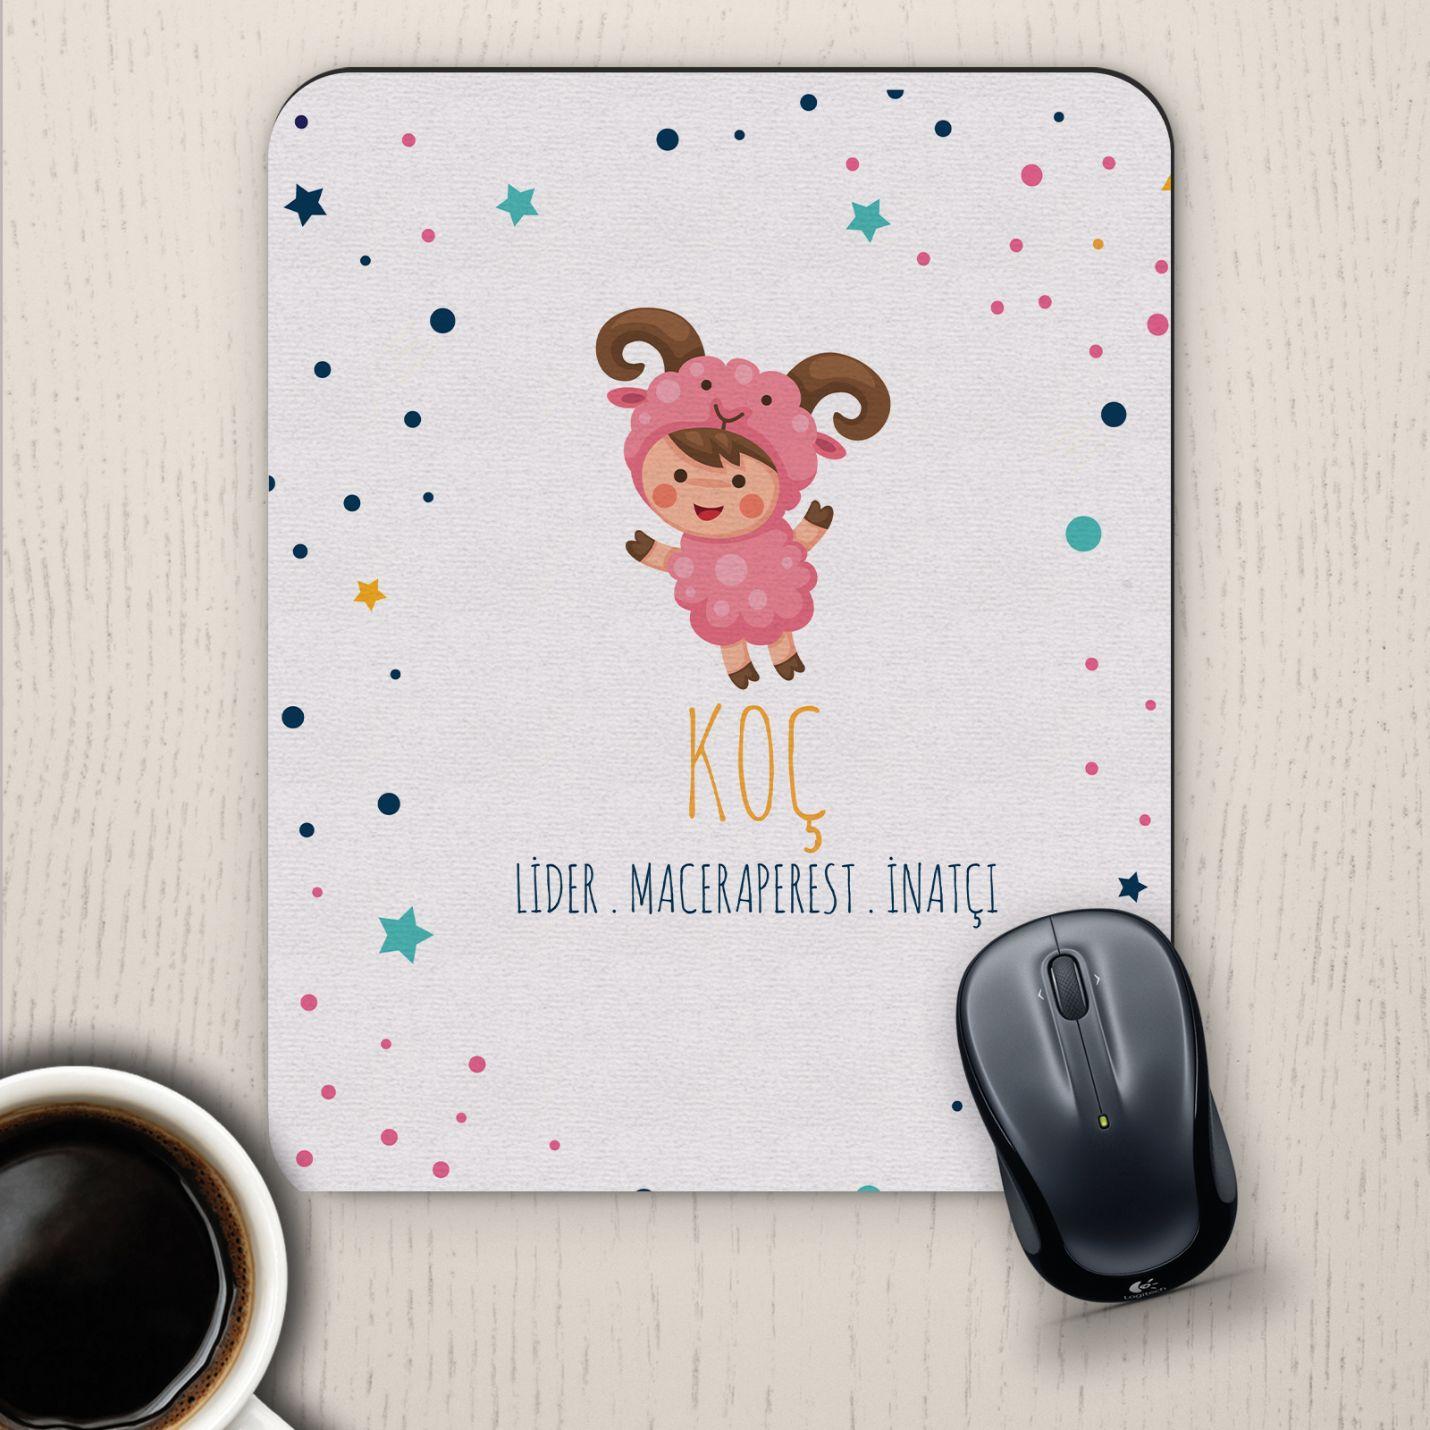 Koç Burçlarına Özel Sevimli Mouse Pad